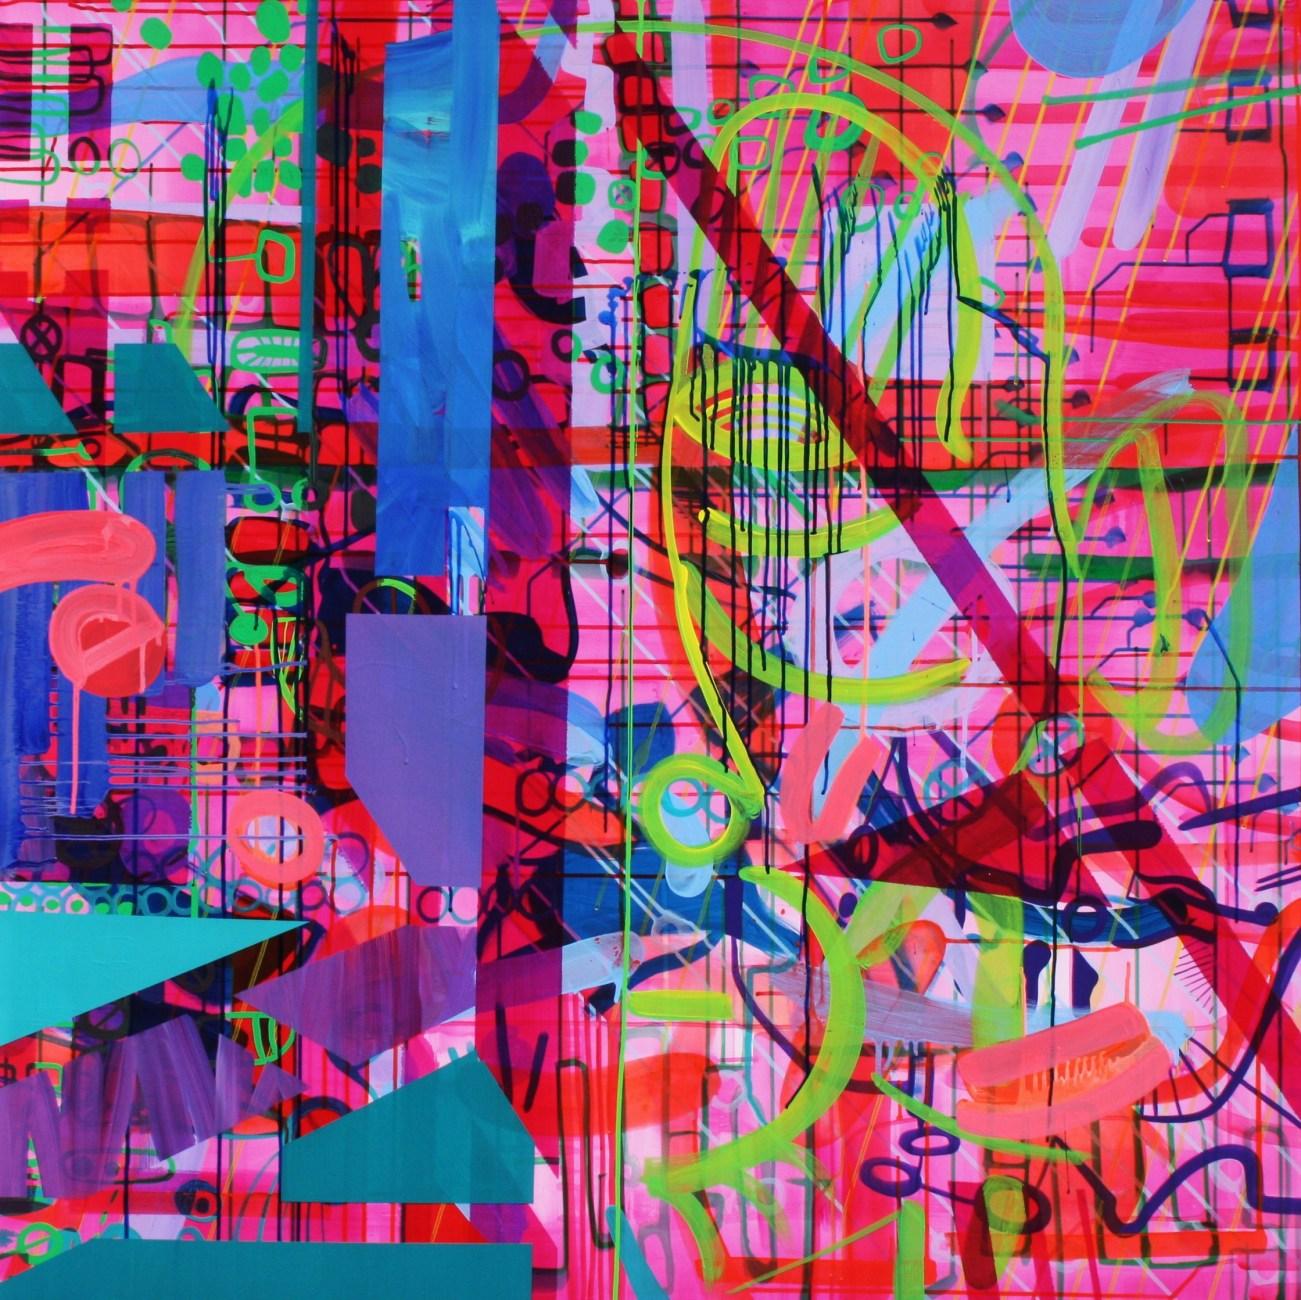 100x100cm. Acrylic on canvas.